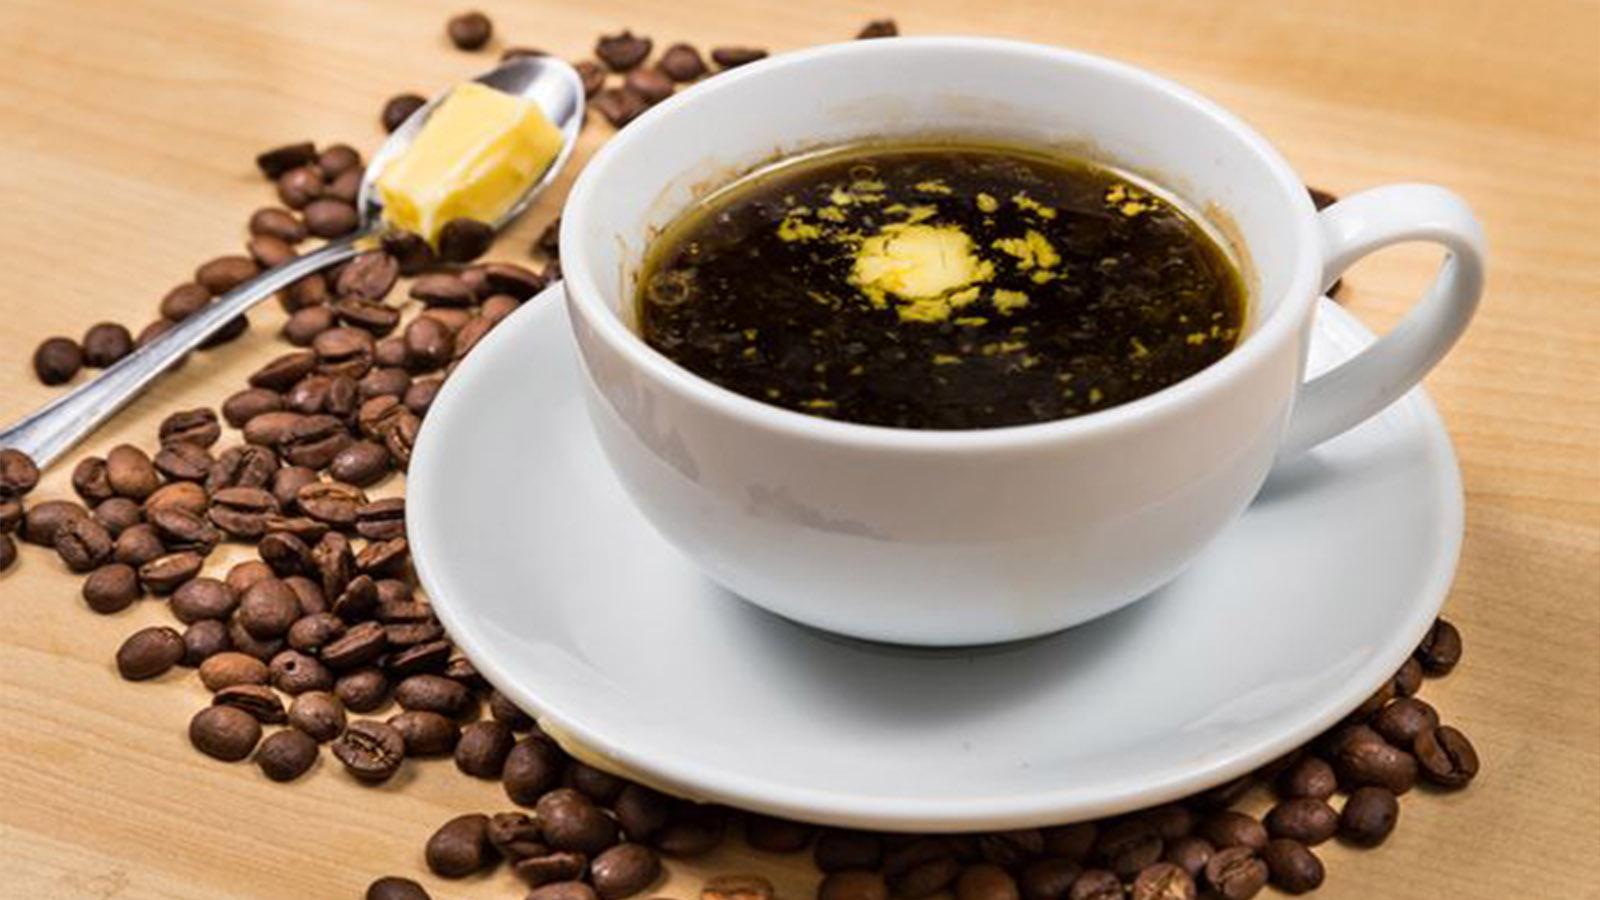 バターコーヒーダイエットはメタボ対策にもおすすめ!1日2杯で痩せる方法とは?